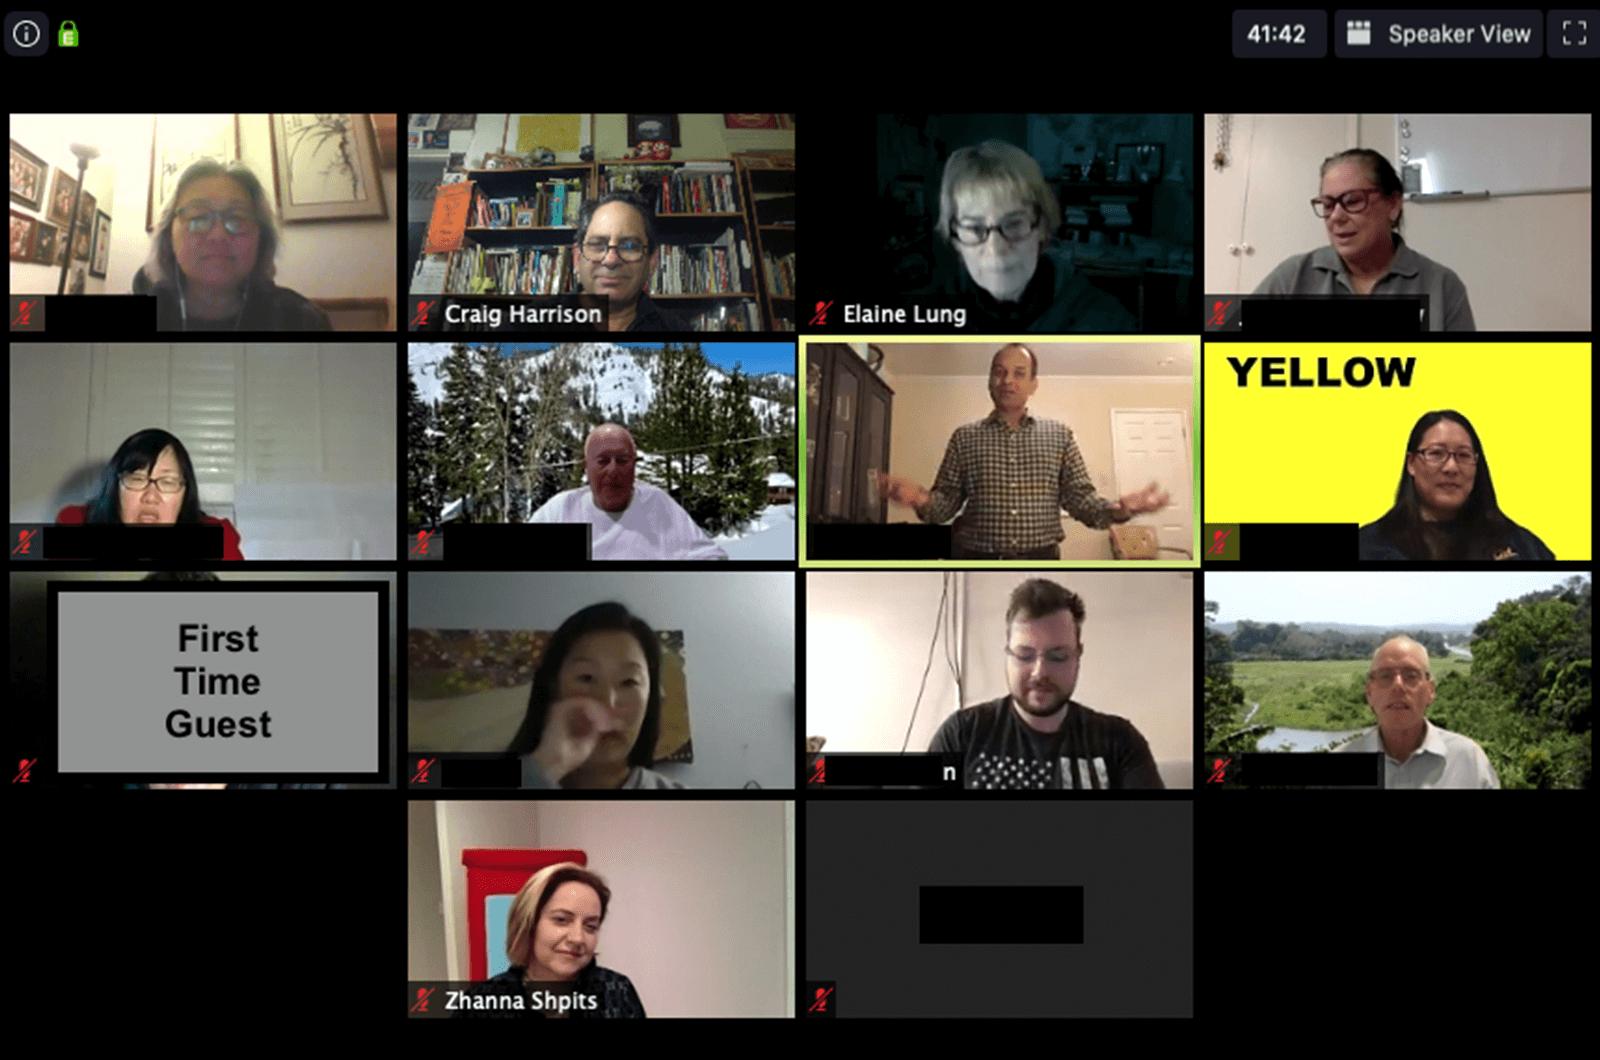 Toastmasters members meeting online on Zoom platform